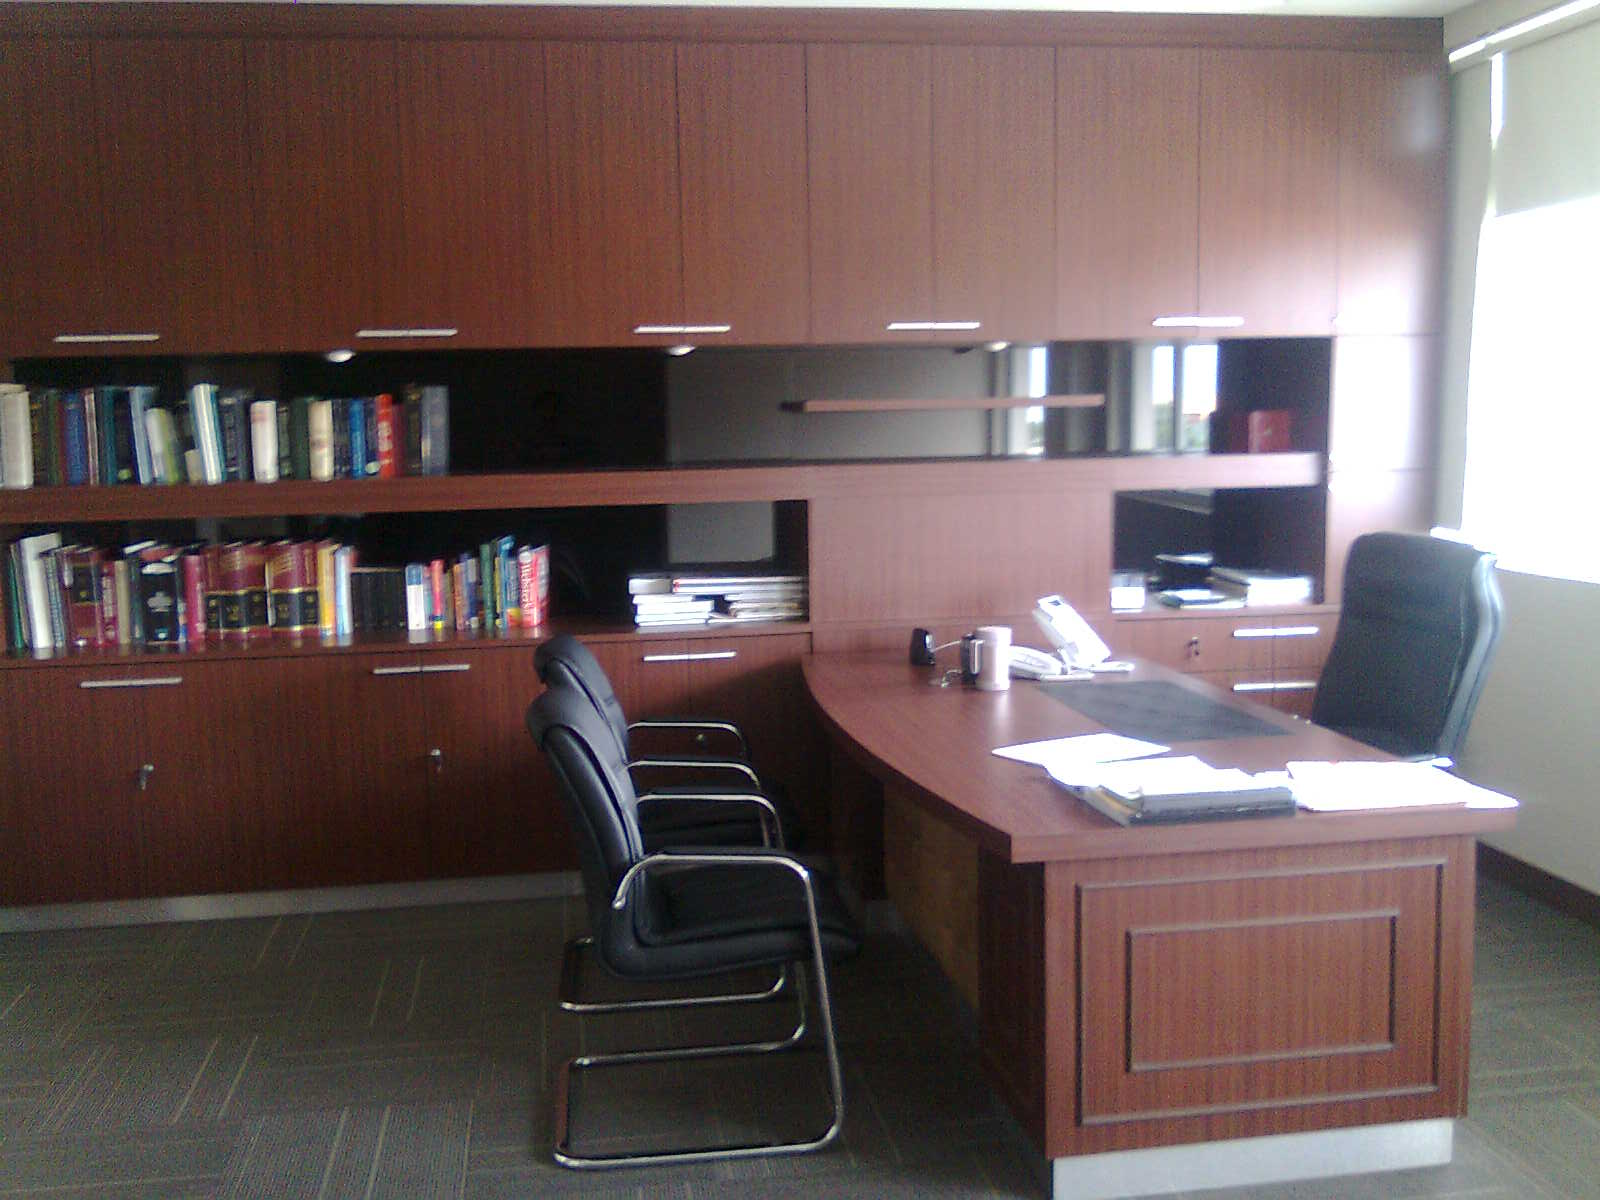 pics of office furniture. di mozaik anda akan diberikan banyak kelebihan dalam membuat furniture kantor anda. produk yang bisa kami kerjakan seperti, meja direktur, pics of office